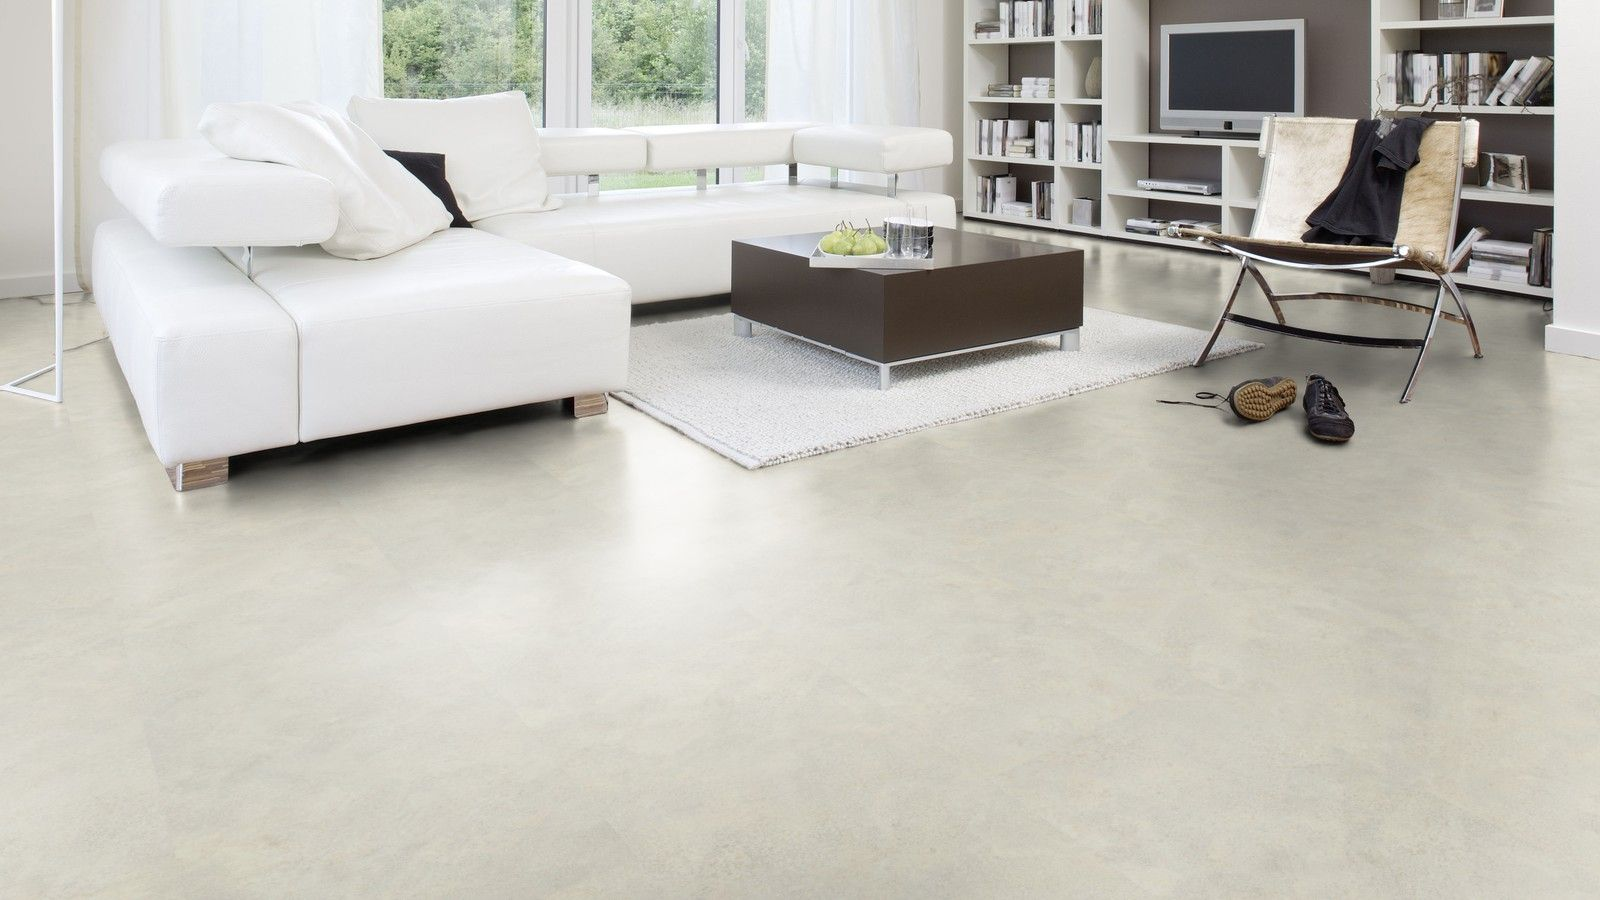 white-ceramic-image-2